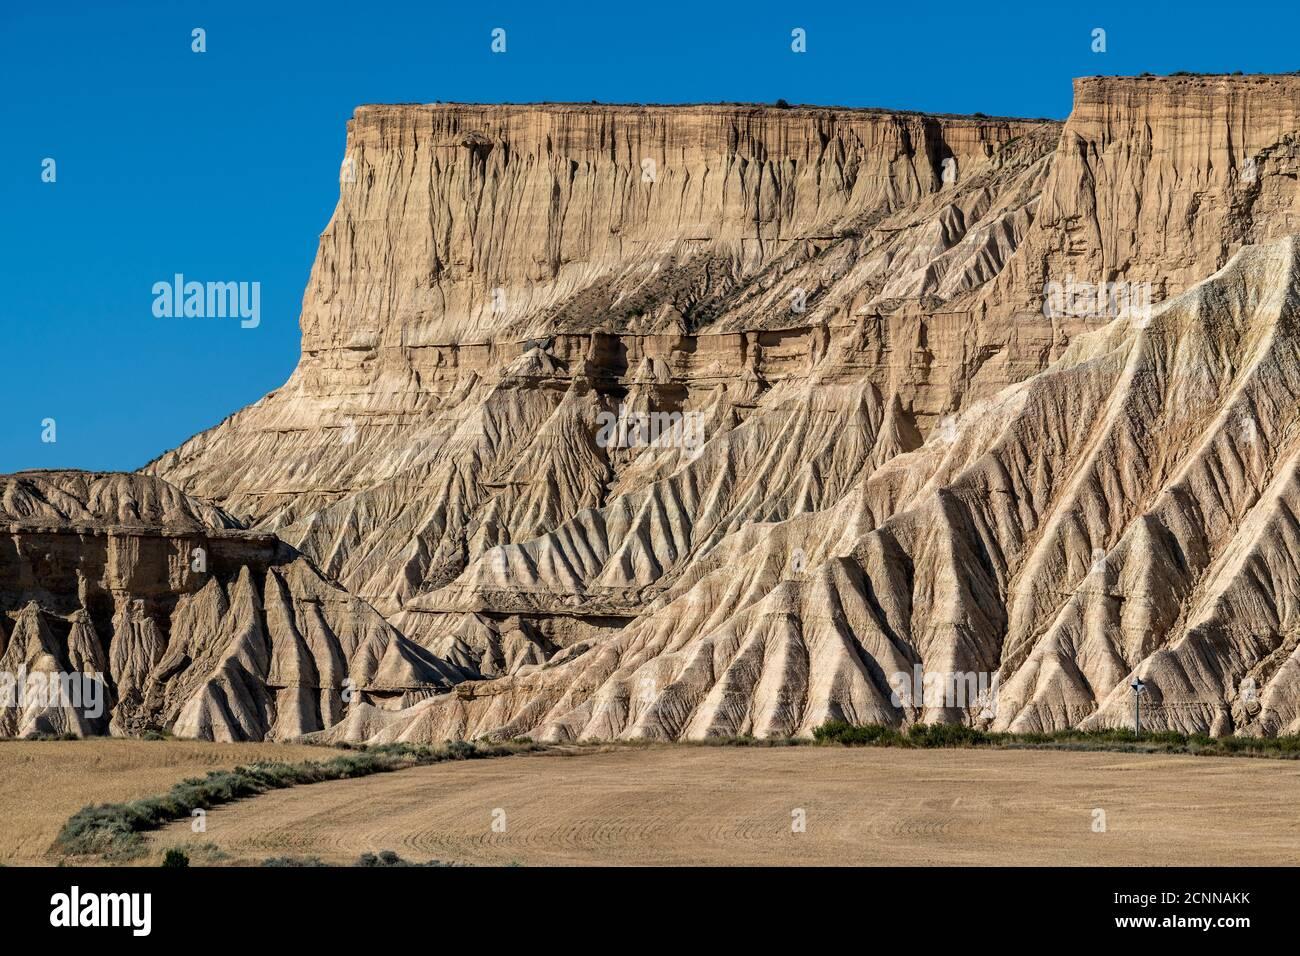 Formazioni rocciose, Bardenas Reales Badlands, Navarra, Spagna Foto Stock